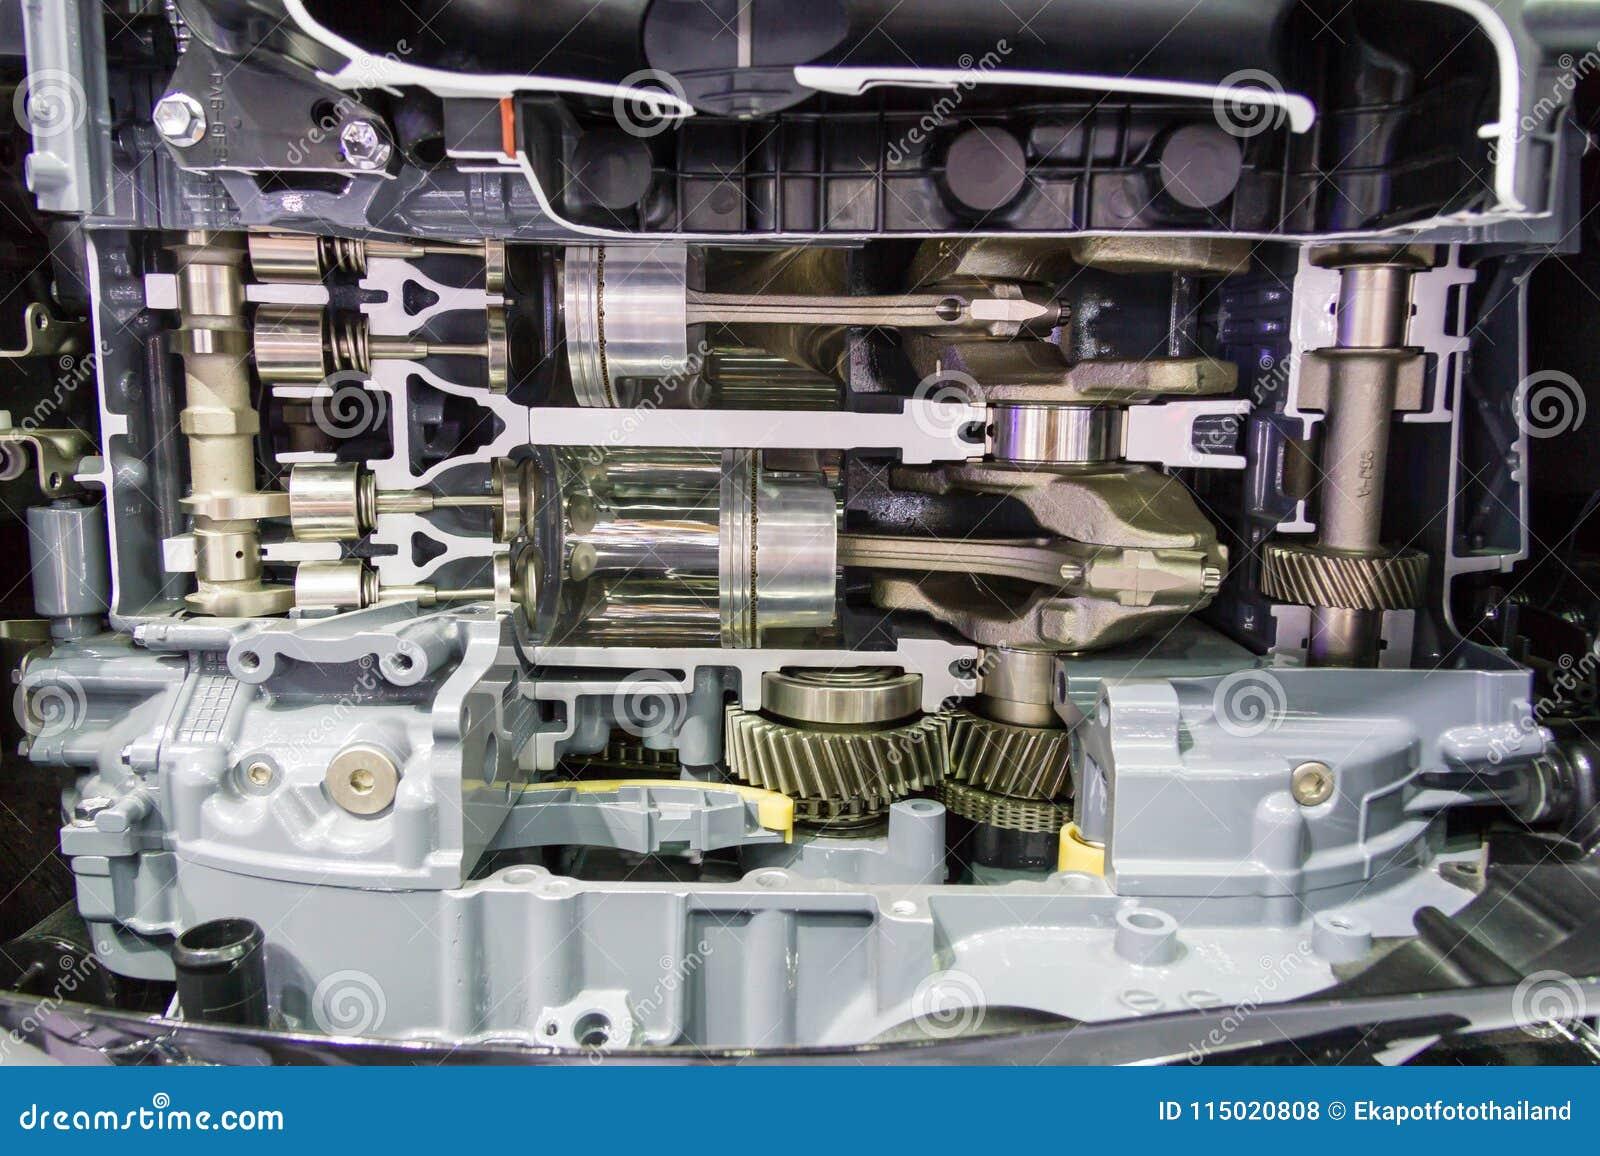 Samochodowy silnik składał się przekładnię, peleng, dyszel, tłok